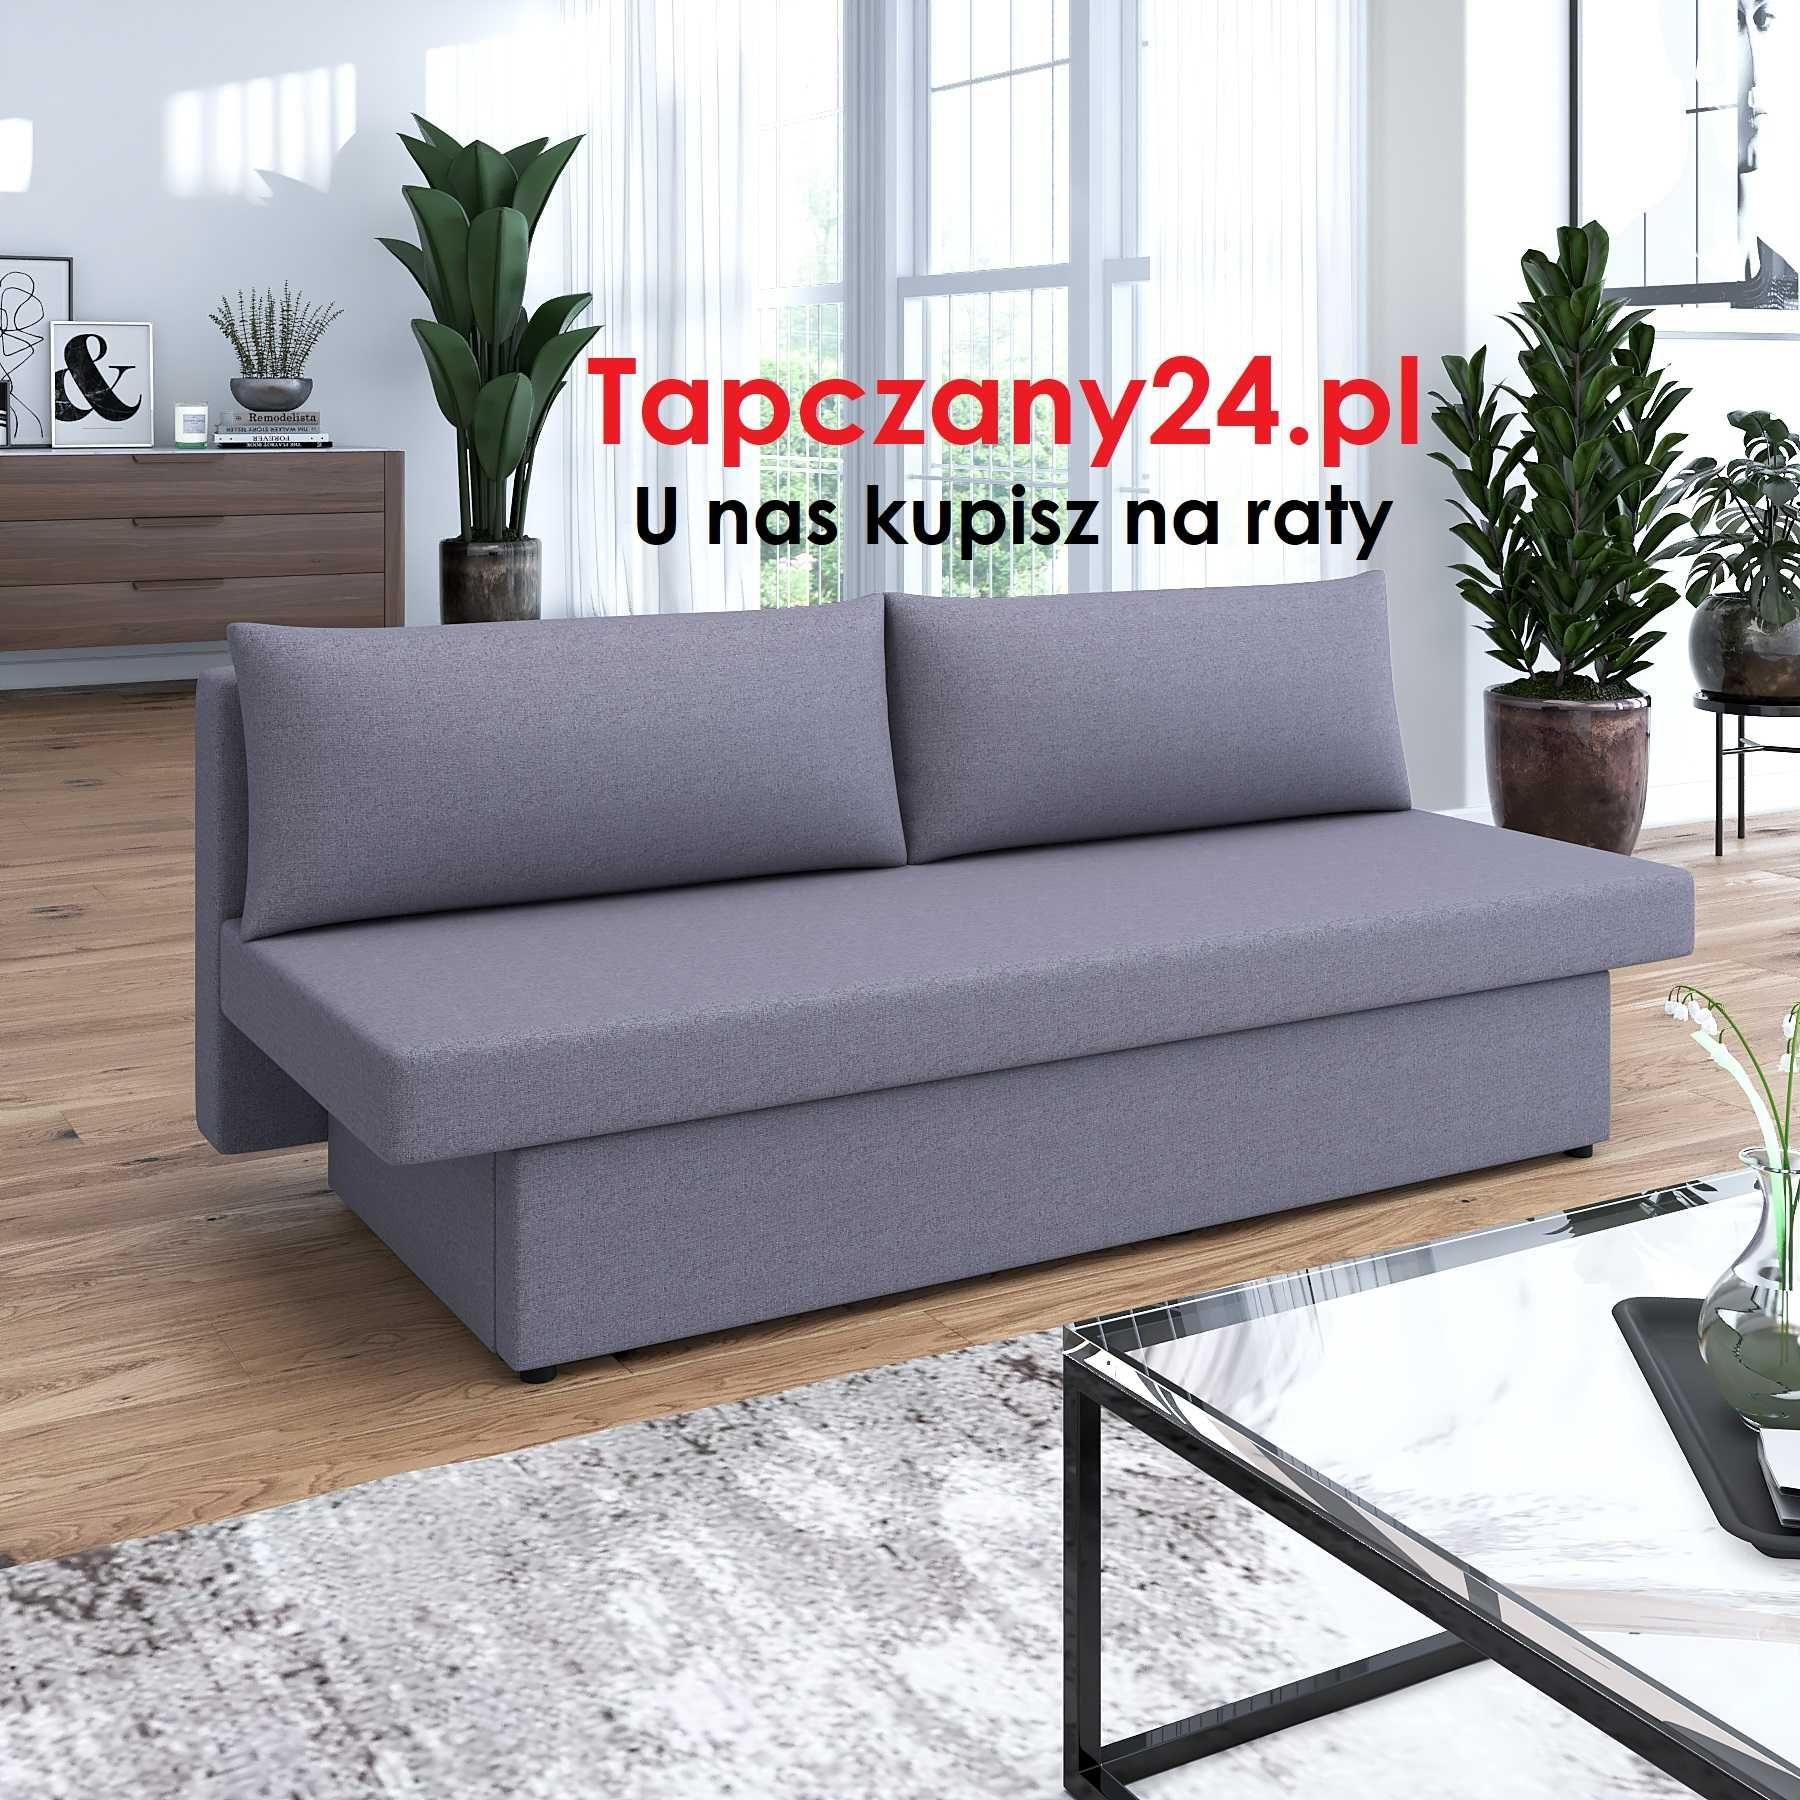 Sofa rozkładana Tapczan Kanapa Wersalka z funkcją spania+ pojemnik HIT